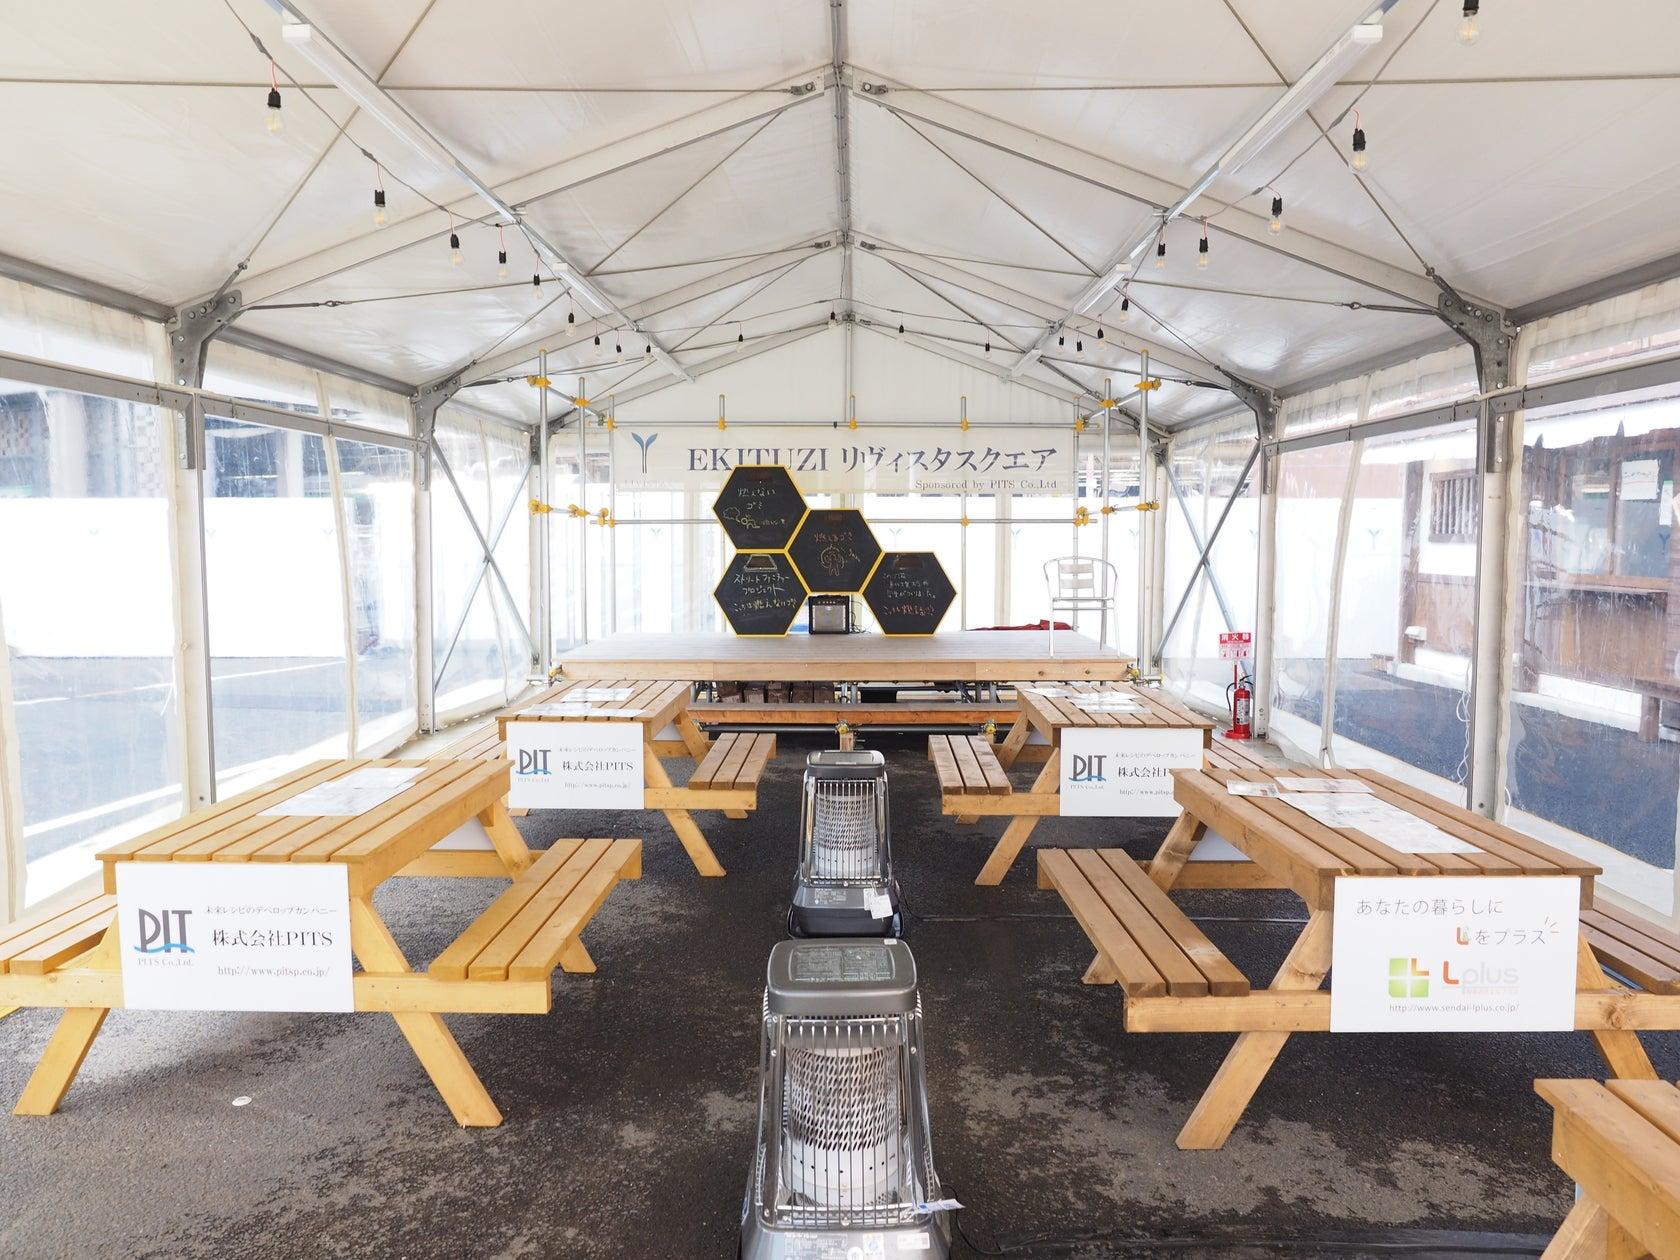 【2018秋~3月末】【EKITUZI】仙台駅徒歩0分 ステージ/電源つき 屋根付き屋外イベントスペース の写真